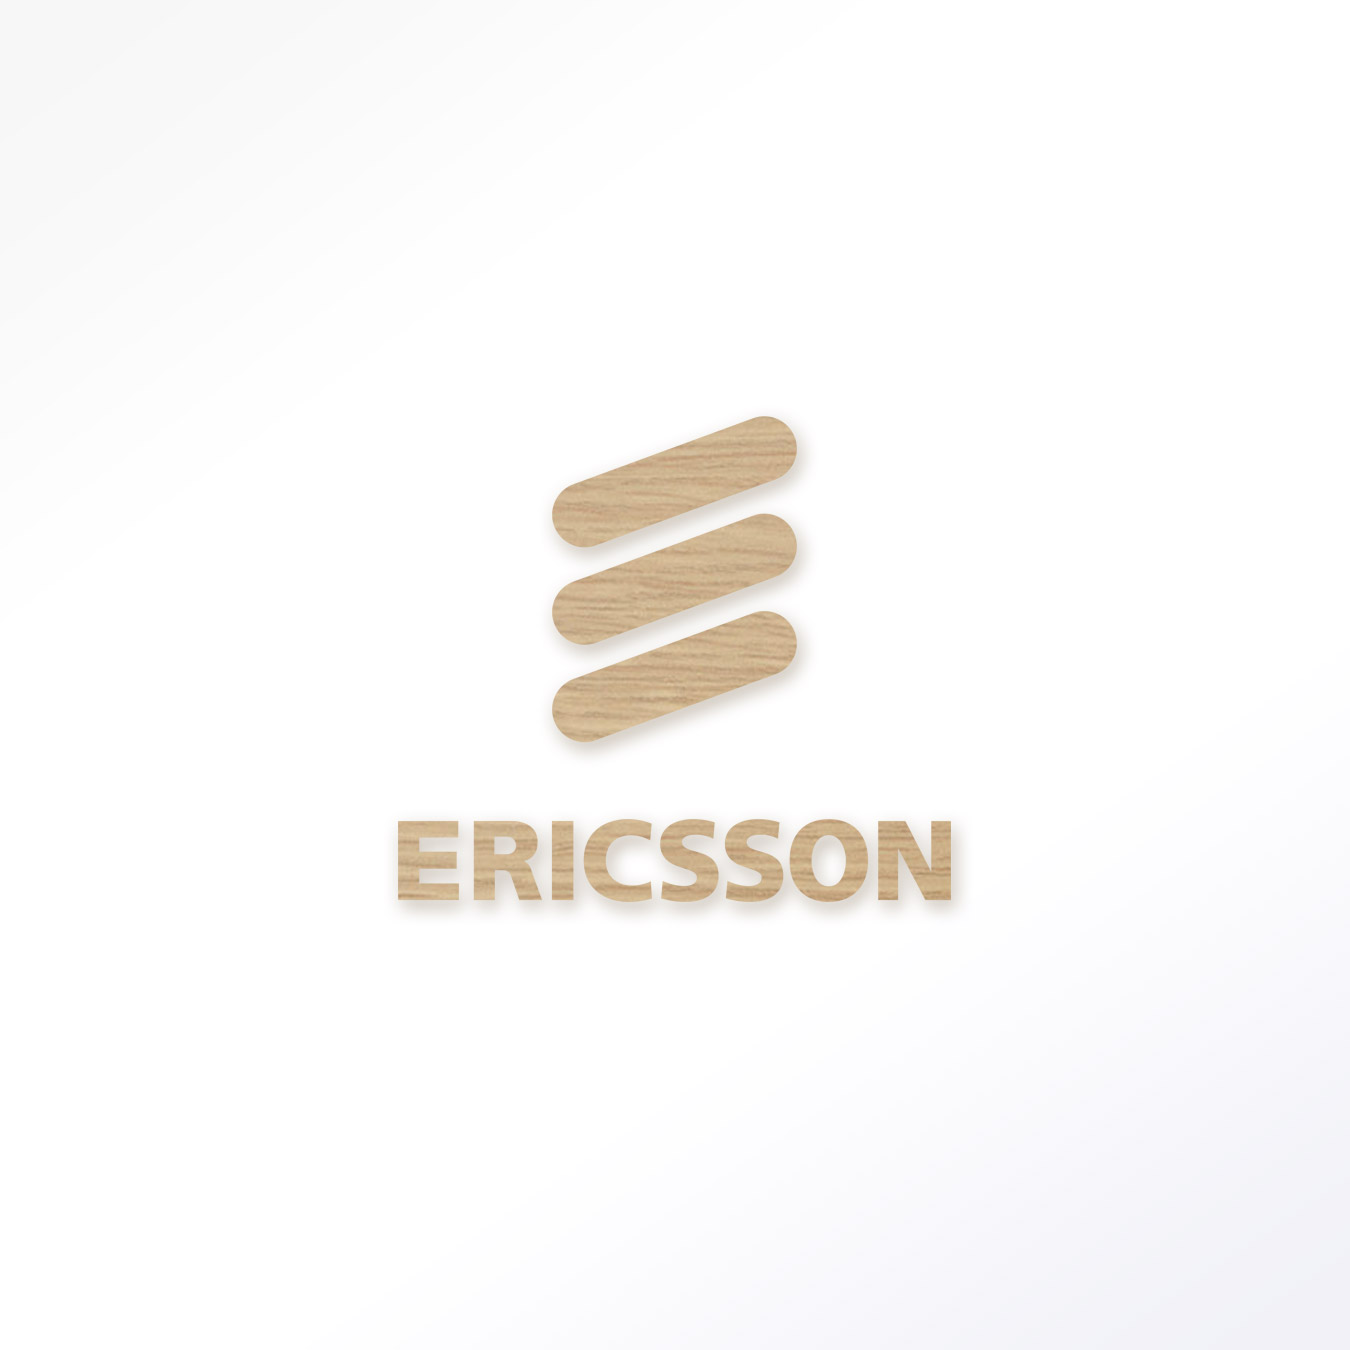 Ericsson-contents-panel2